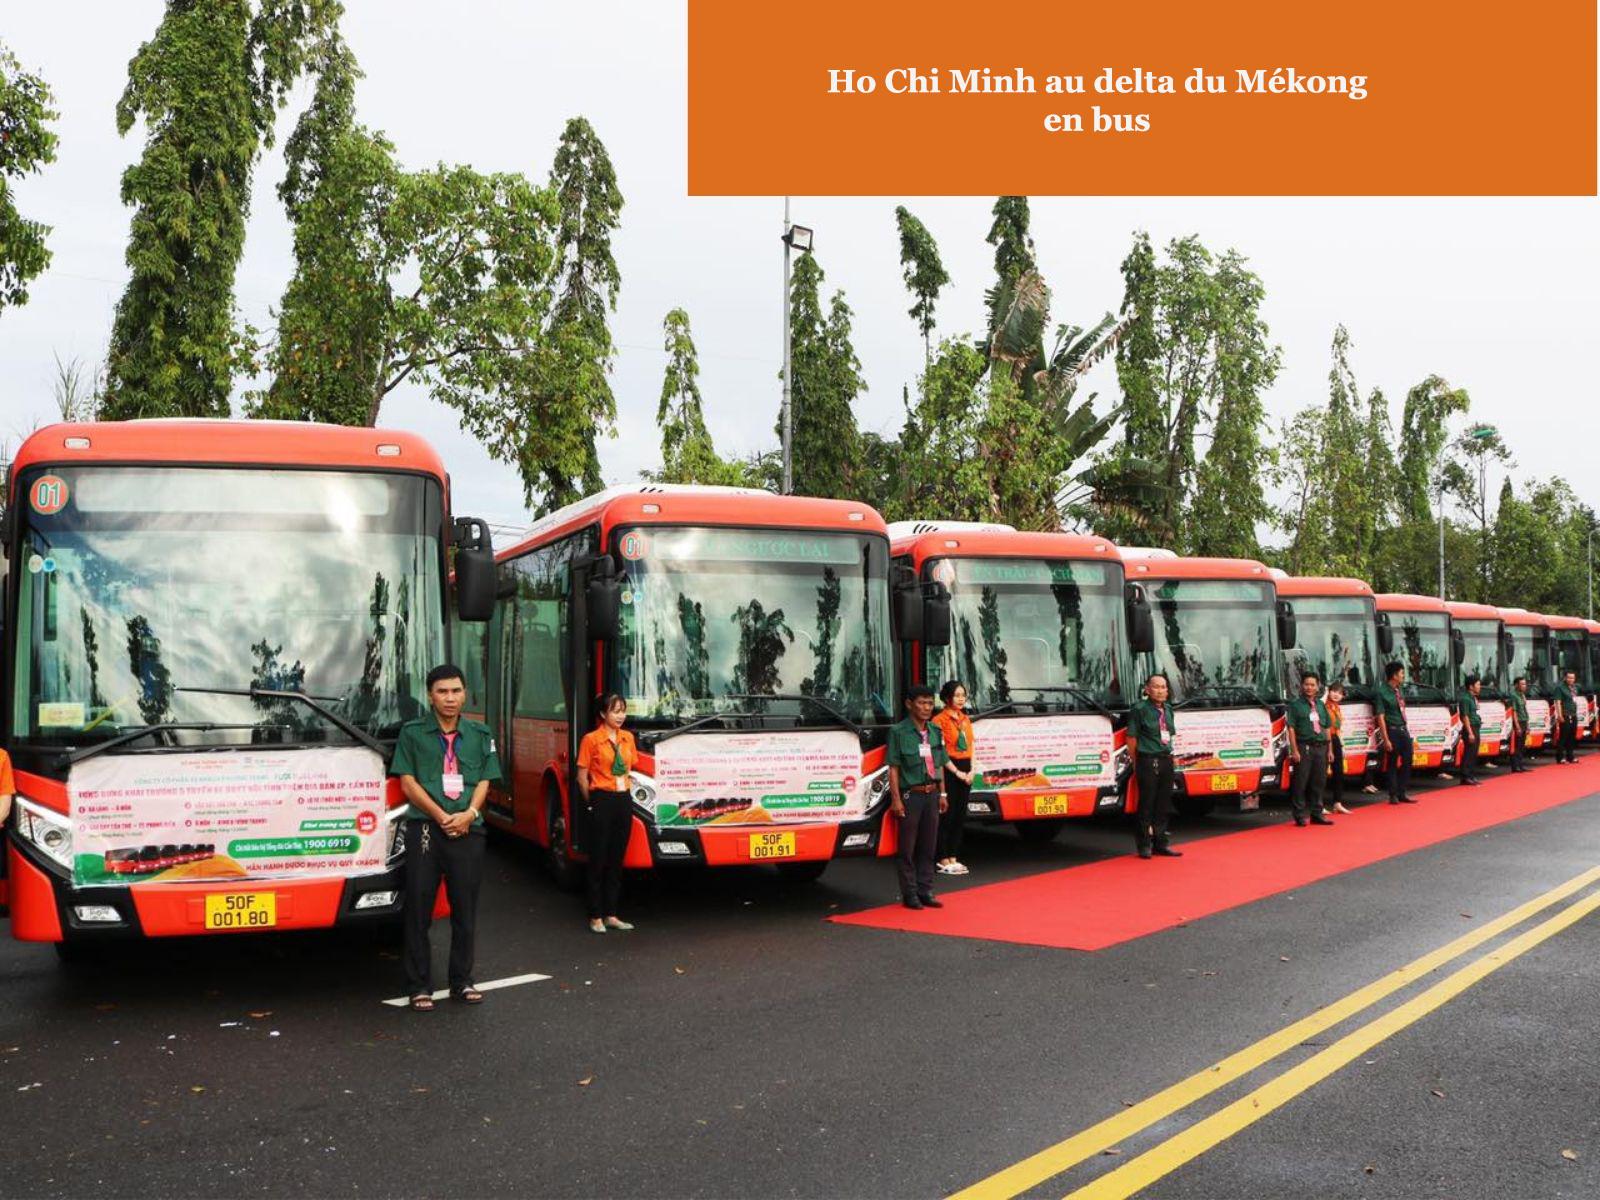 En bus de Ho Chi Minh au delta du Mékong